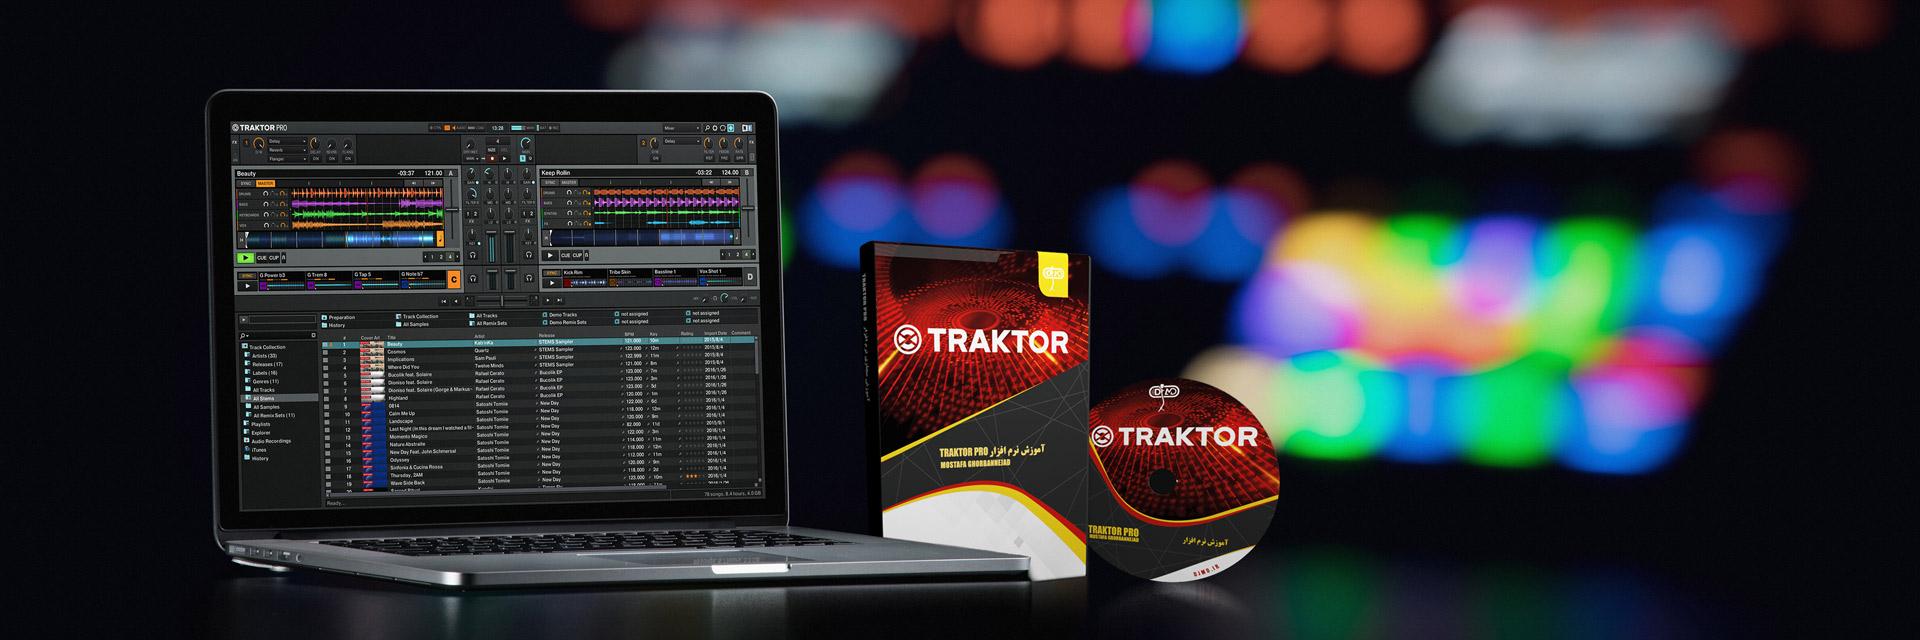 پکیج آموزش نرم افزار Traktor Pro